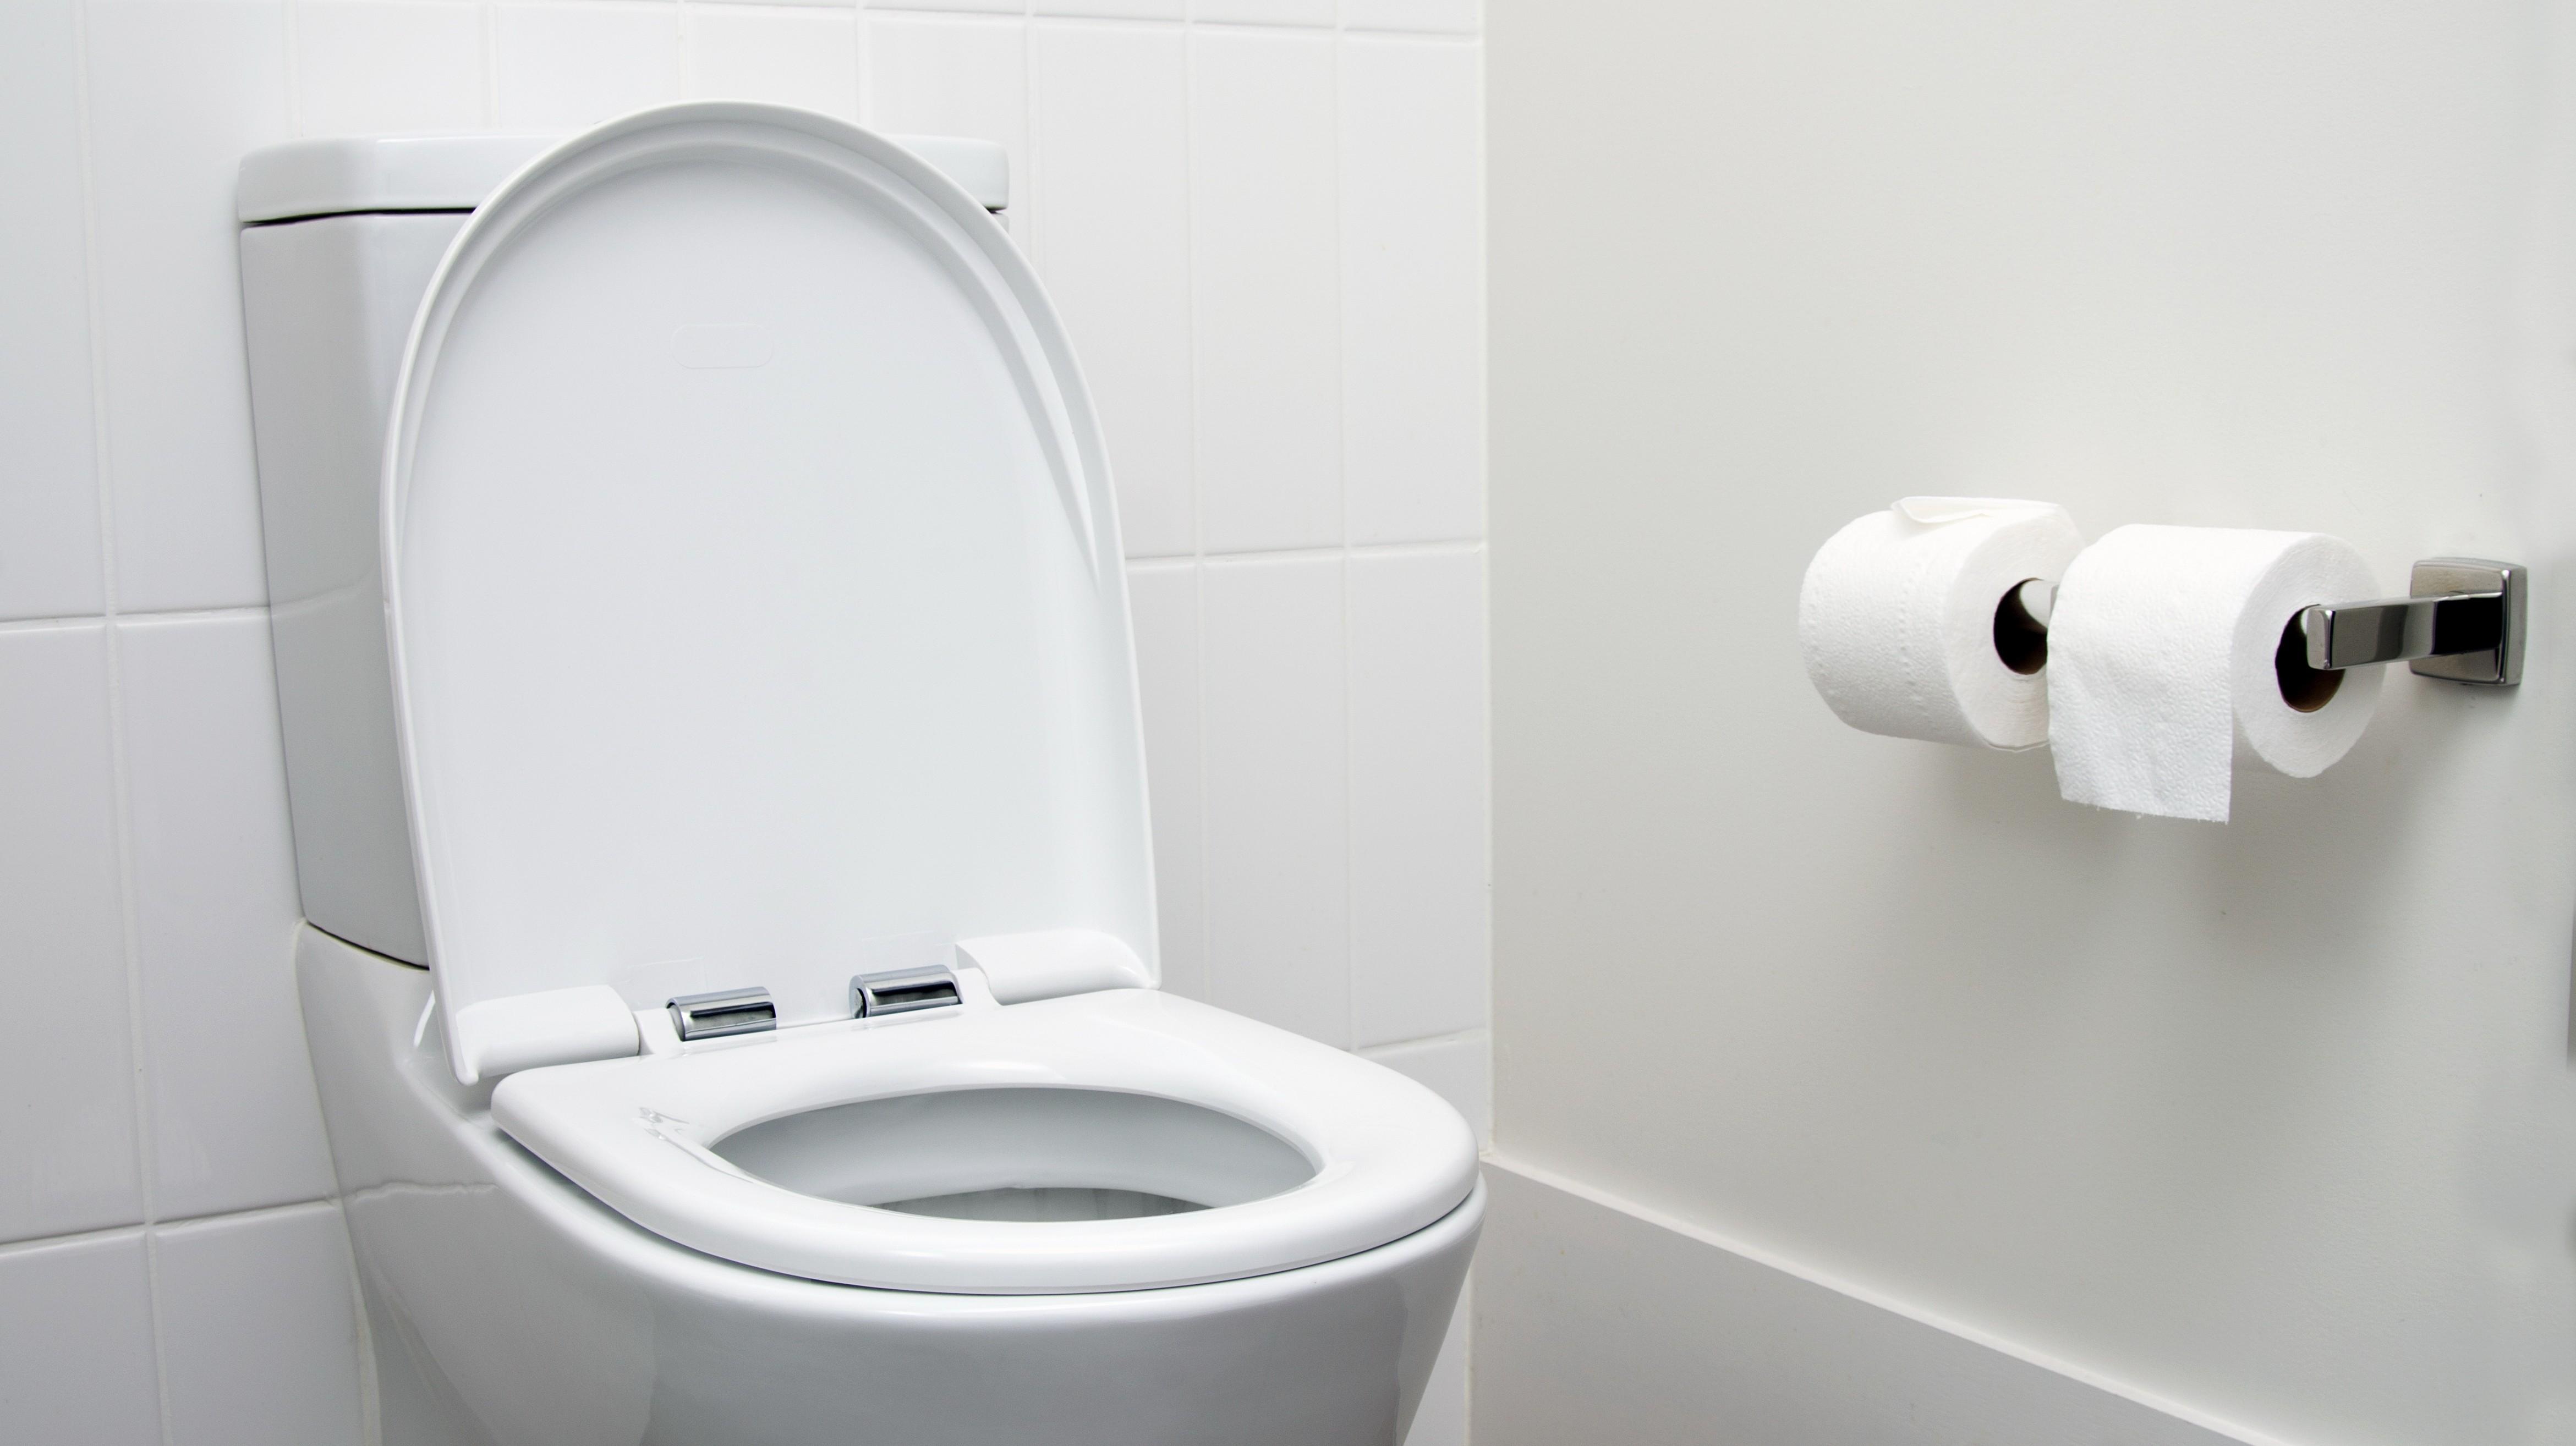 [Перевод] Facebook заставляет модераторов документировать своё рабочее время с точностью до секунды — даже походы в туалет